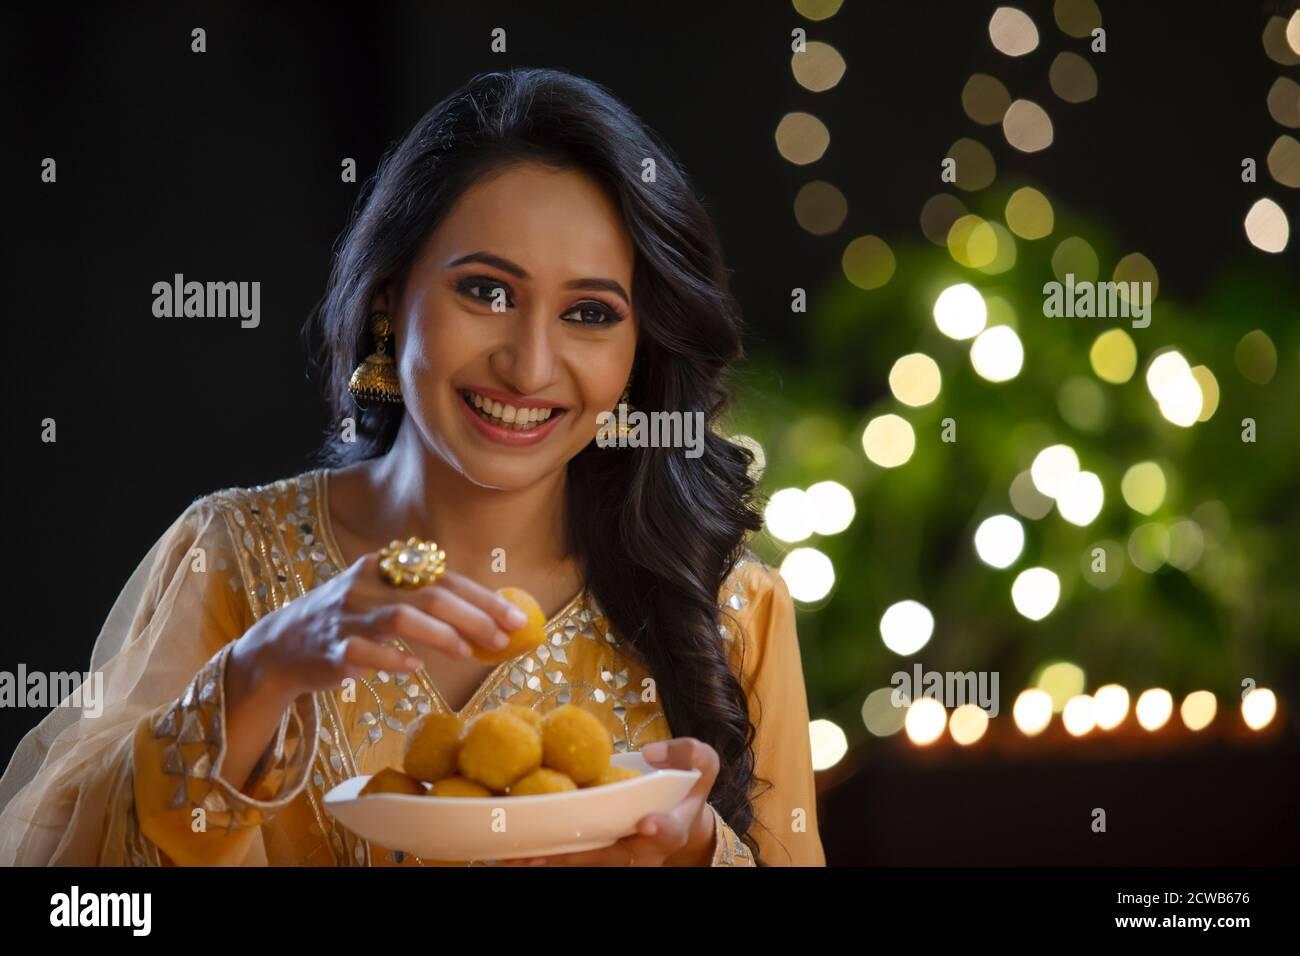 Femme cueillant une ladoo dans une assiette avec un sourire Banque D'Images